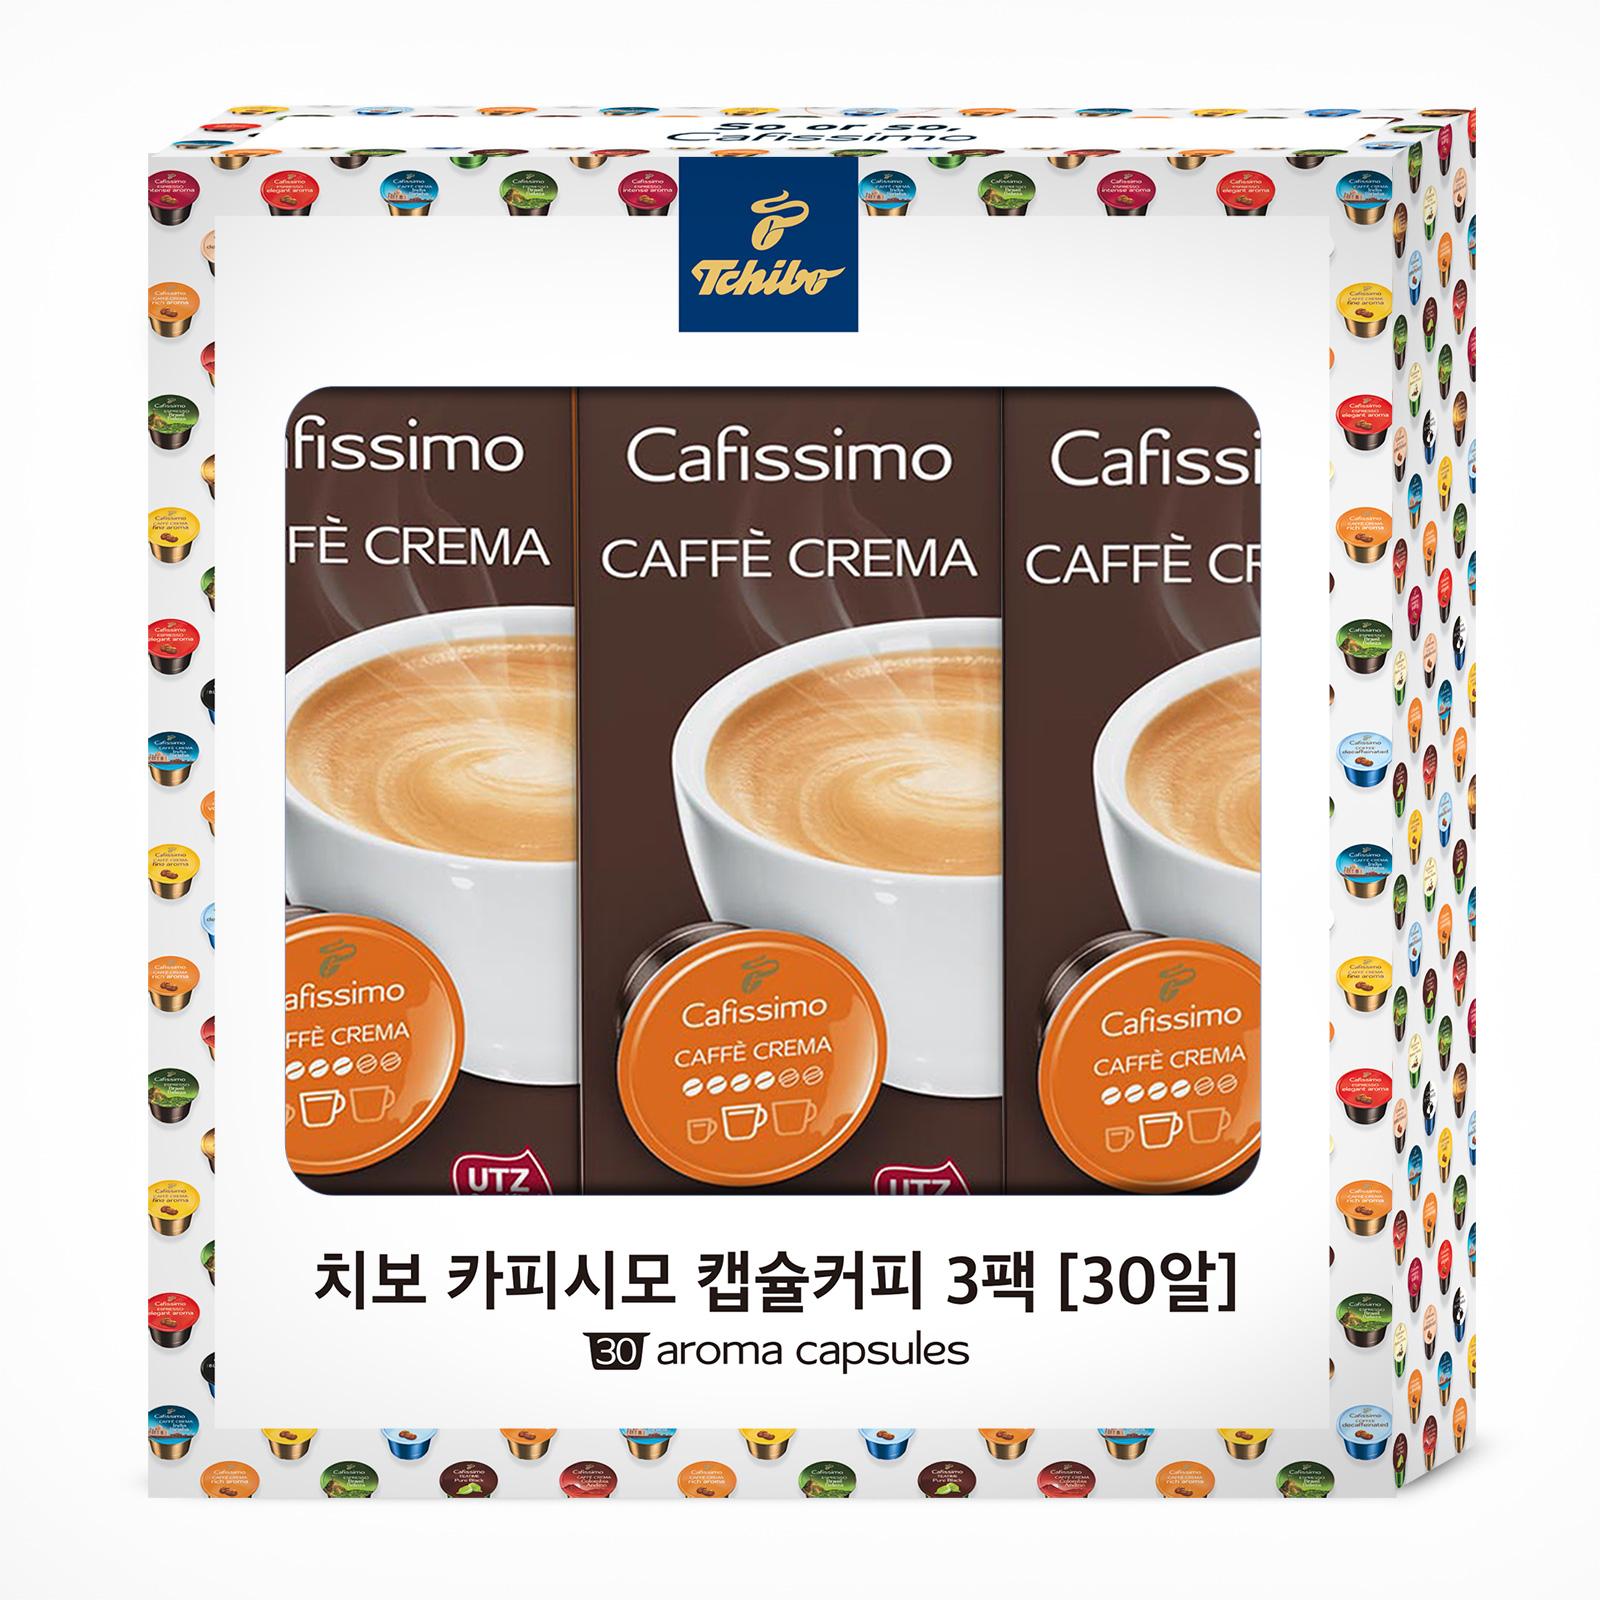 치보 카피시모 캡슐커피 카페 크레마 리치 아로마, 캡슐 7.6g x 30p, 1세트